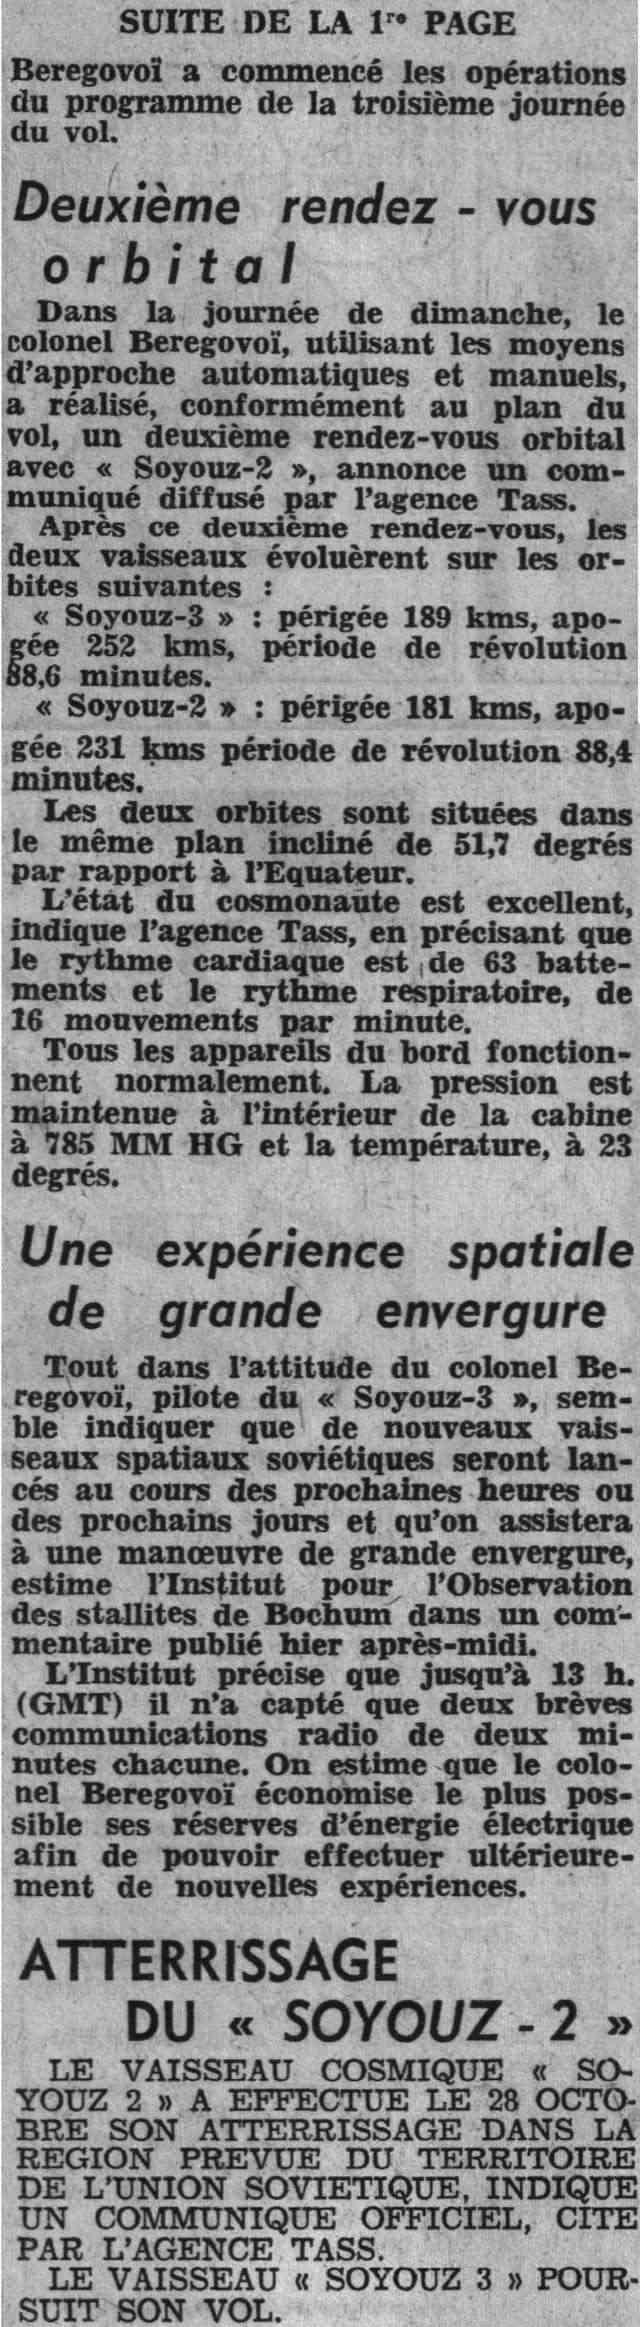 26 octobre 1968 - Soyouz 3 - Gheorghui Beregovoï 68102911